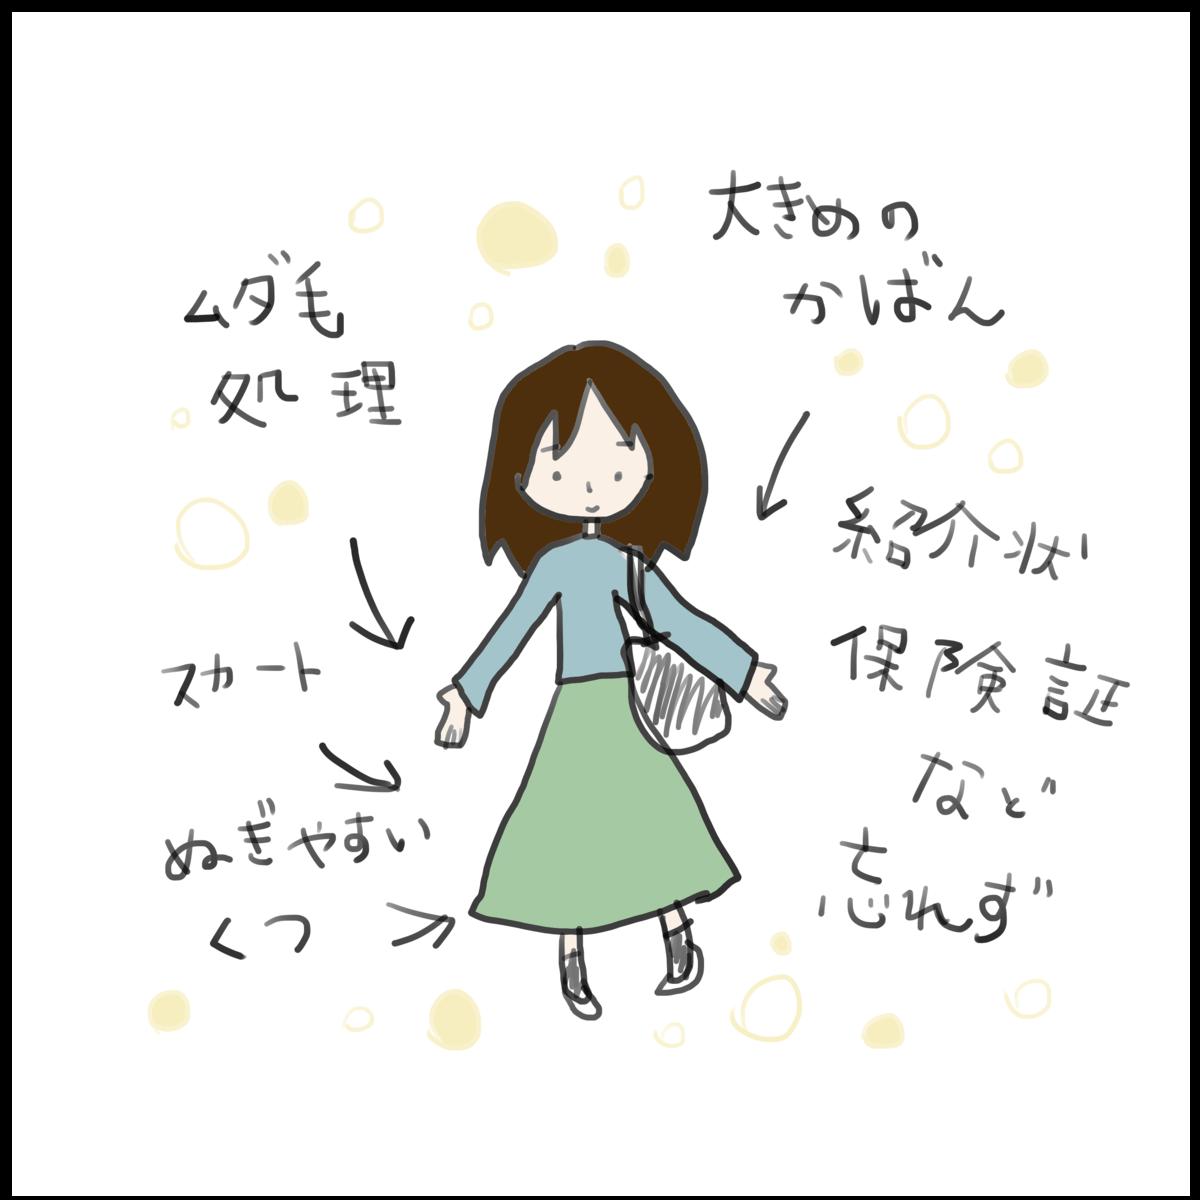 f:id:usuisachiyo28:20190724134830p:plain